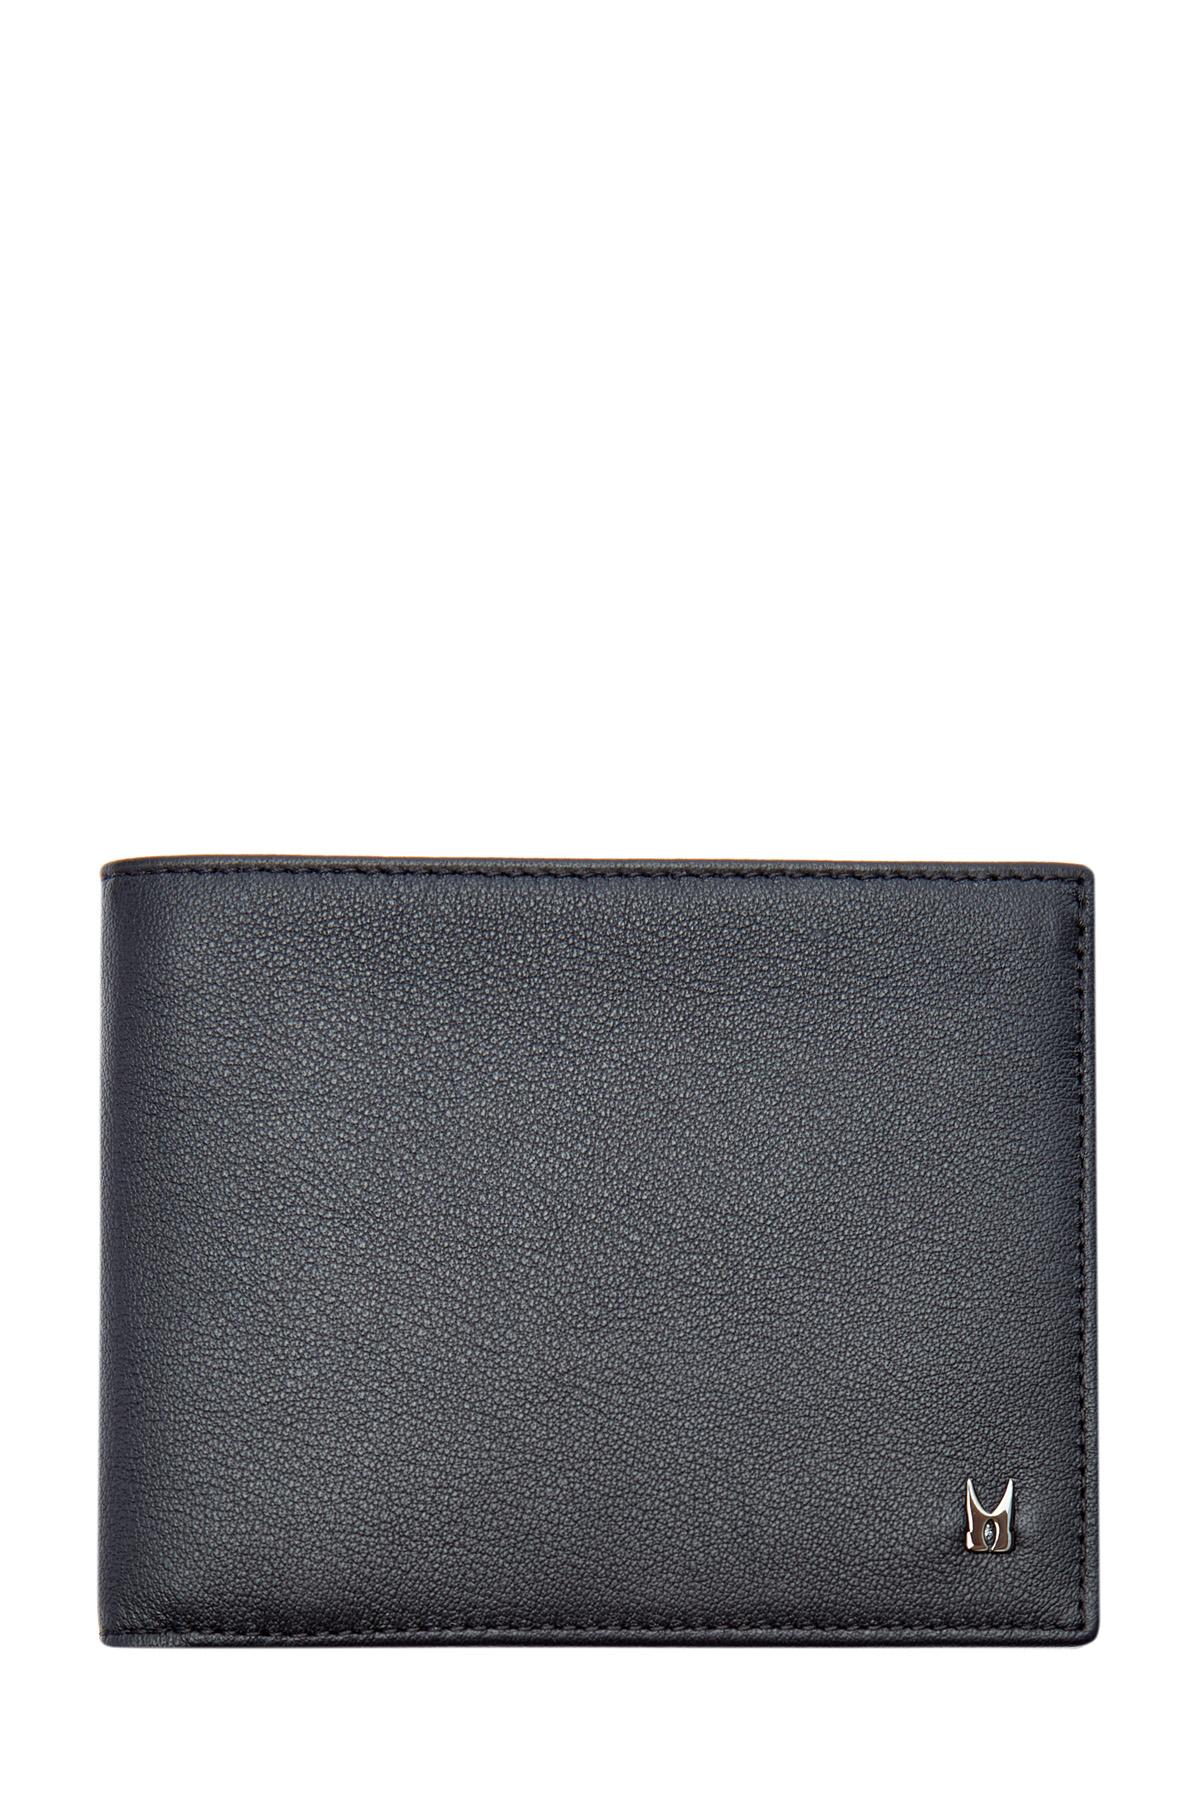 Складной бумажник из телячьей кожи с литым логотипом фото